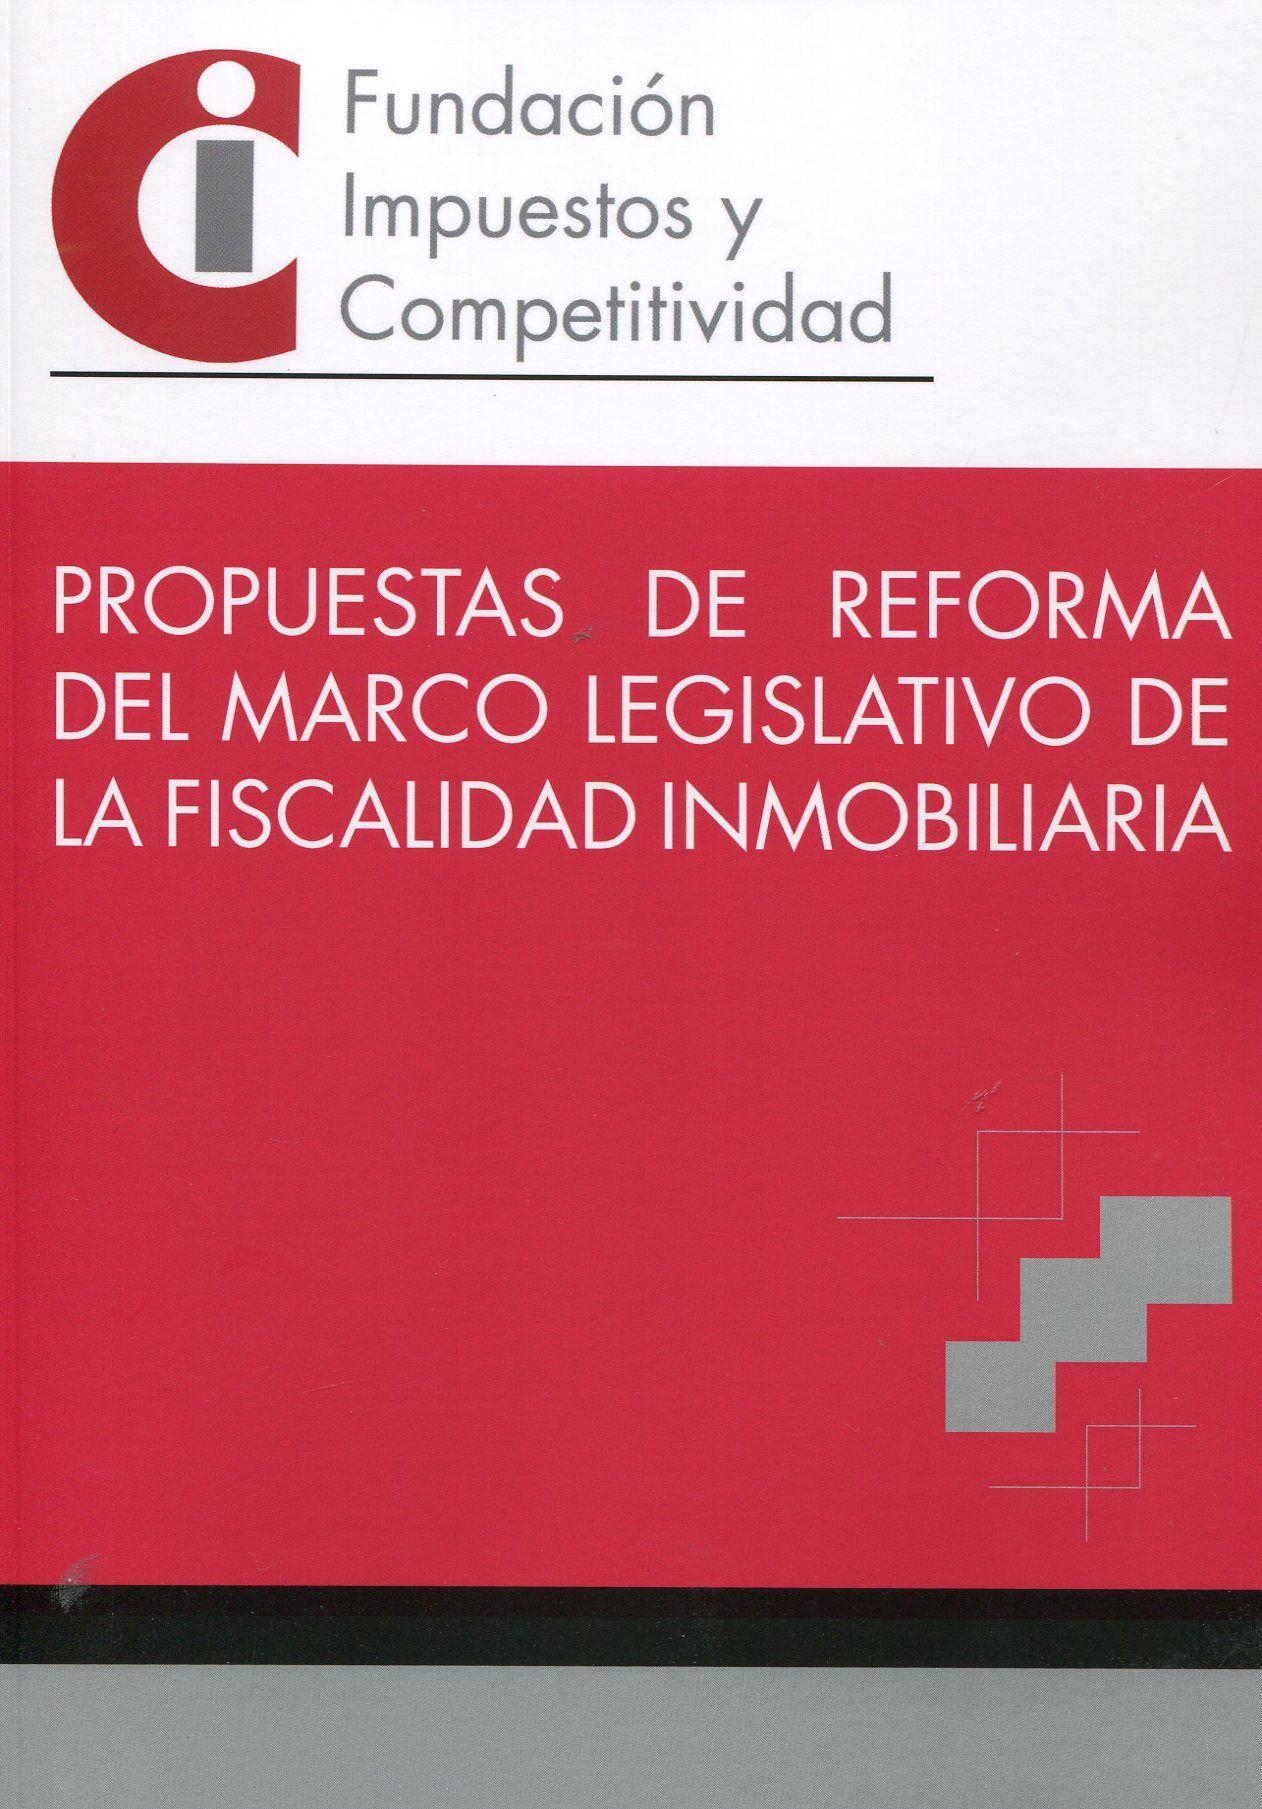 Propuestas de reforma del marco legislativo de la fiscalidad inmobiliaria. - 2013